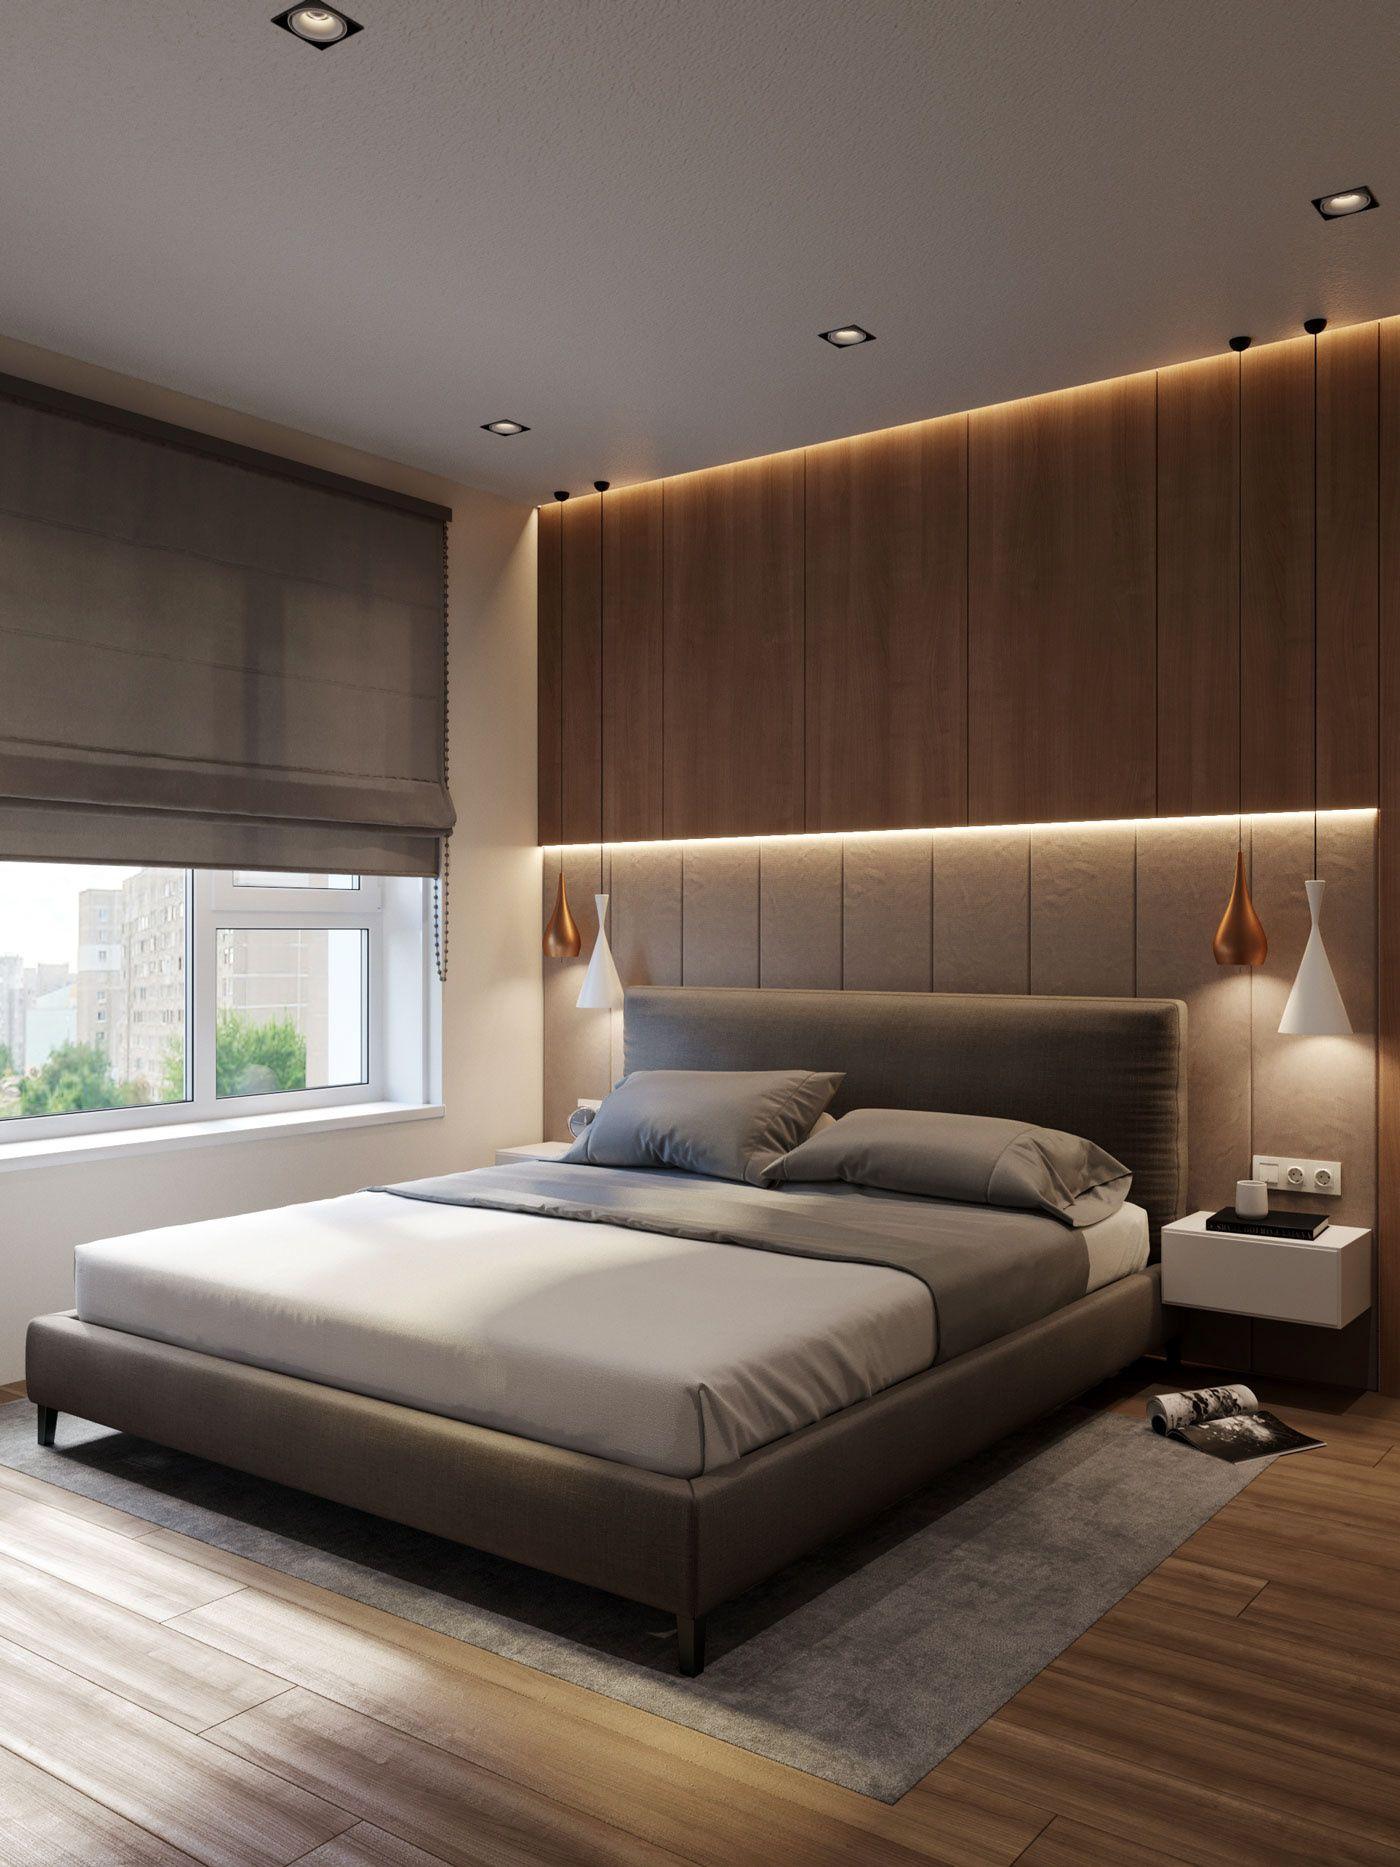 Wood And Stone On Behance Bedroom Bed Design Bed Design Modern Bed Furniture Design